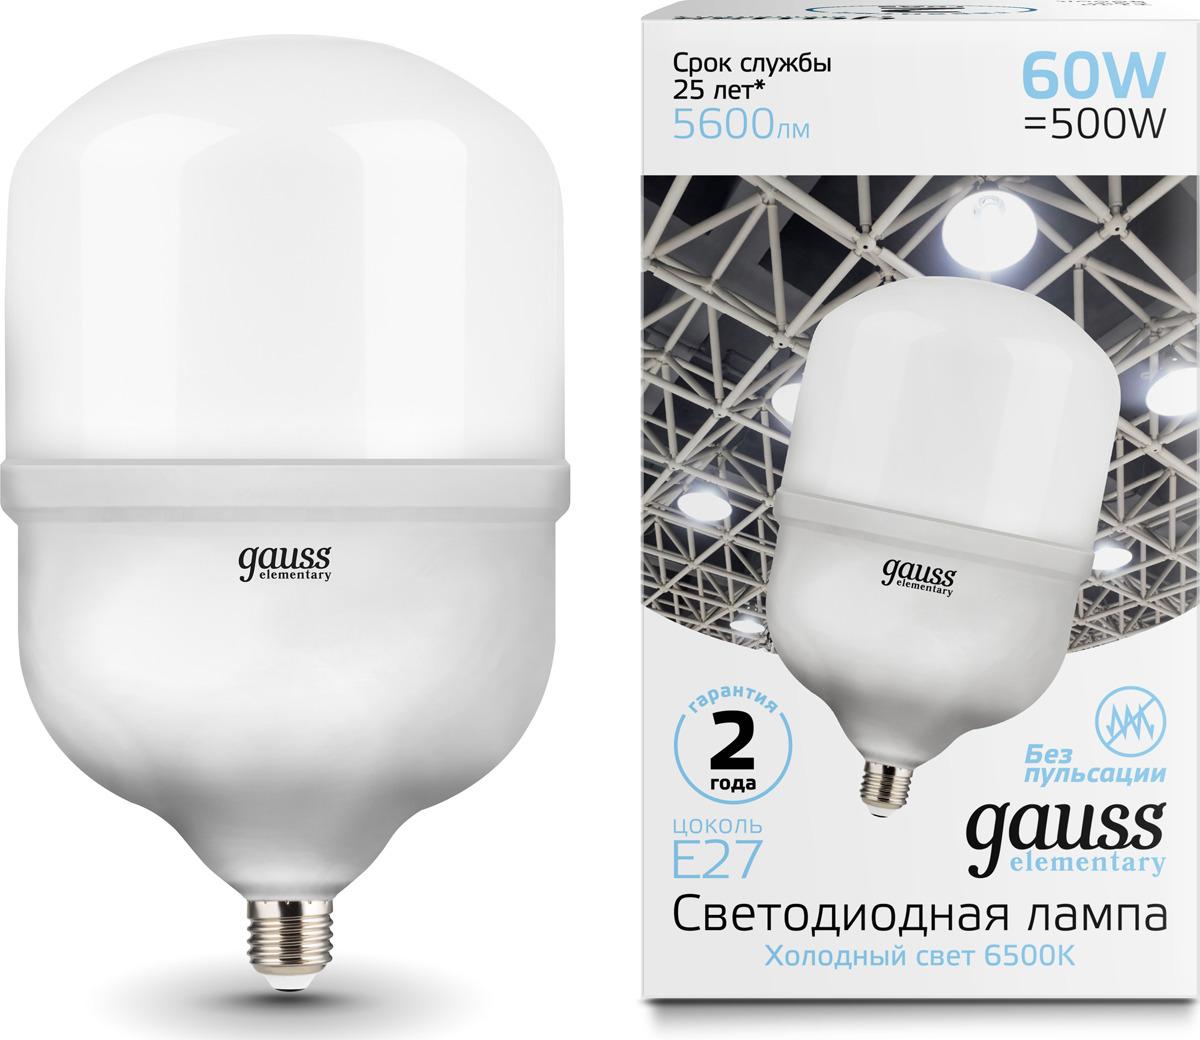 Лампочка Gauss Elementary LED, T160, E27, 60W. 63236